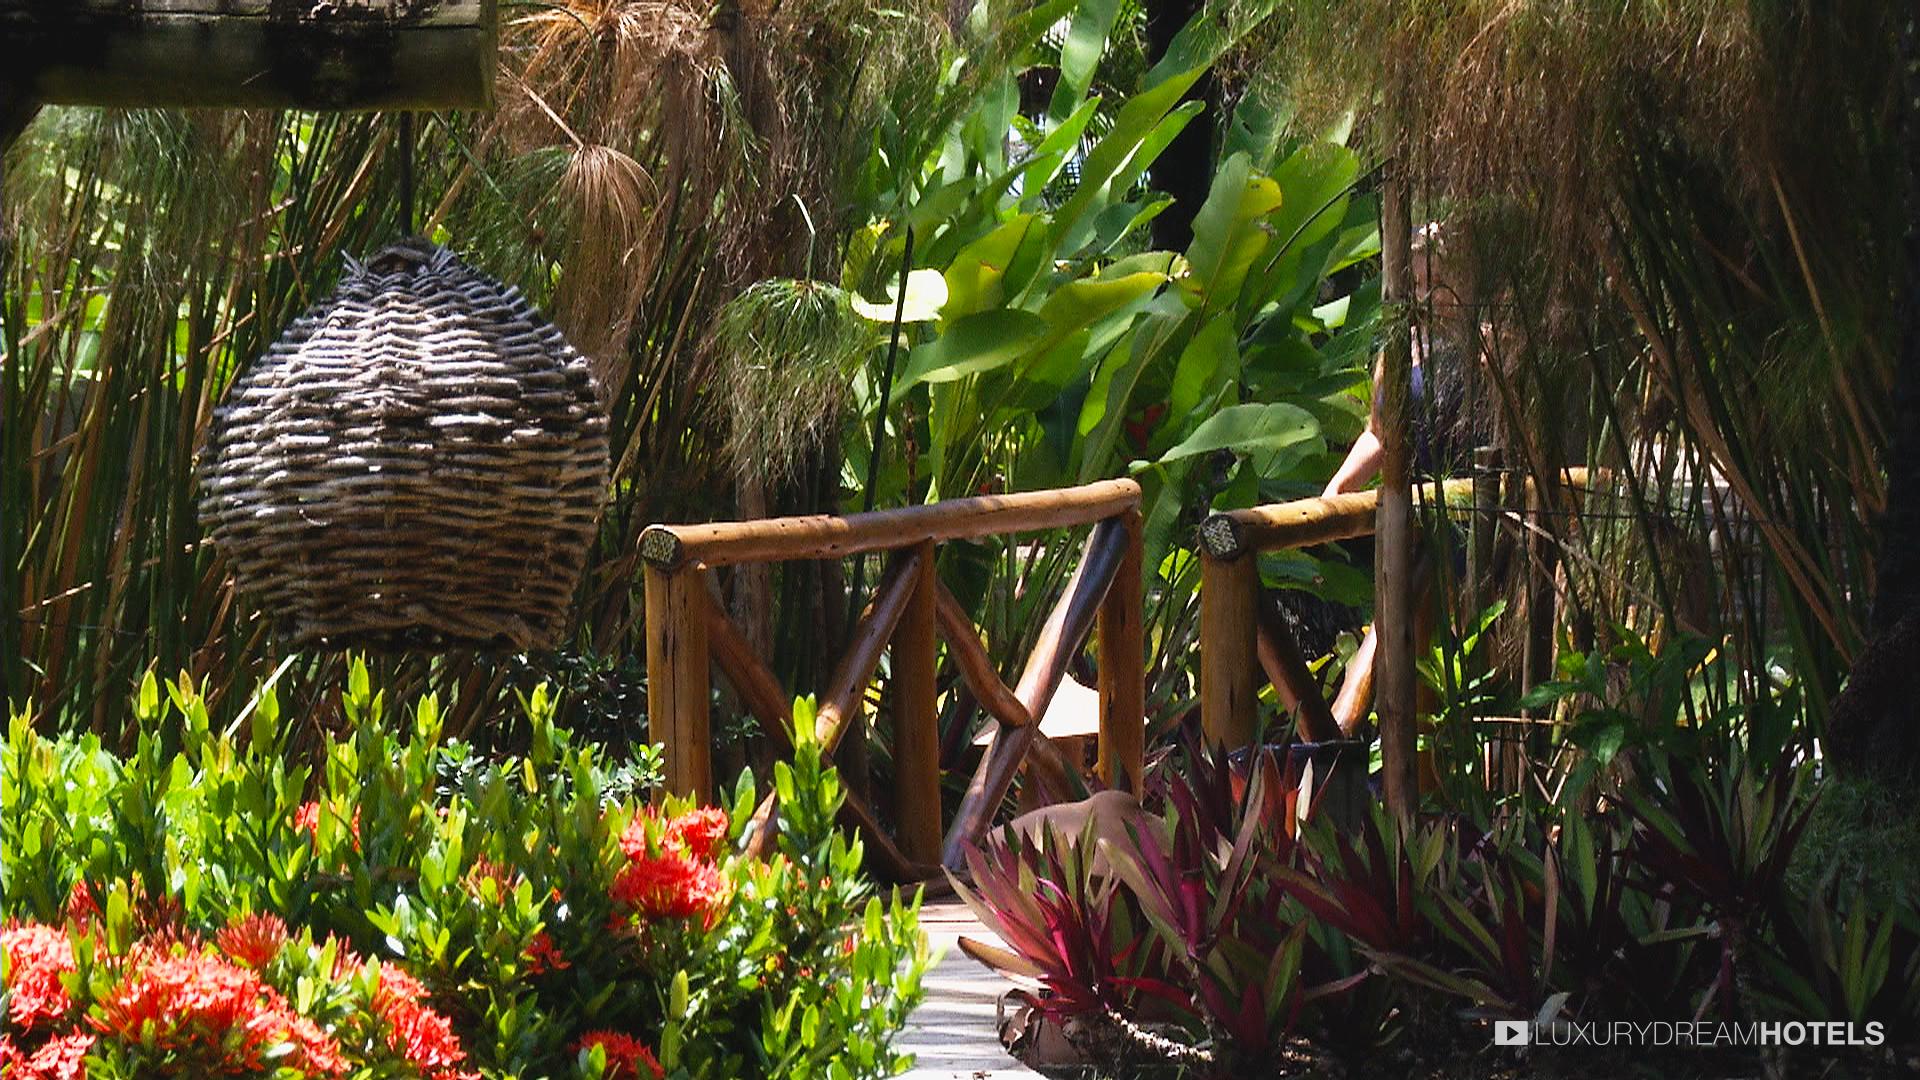 Luxury hotel, Kiaroa Eco Luxury Resort, Península de Maraú - Bahia ...